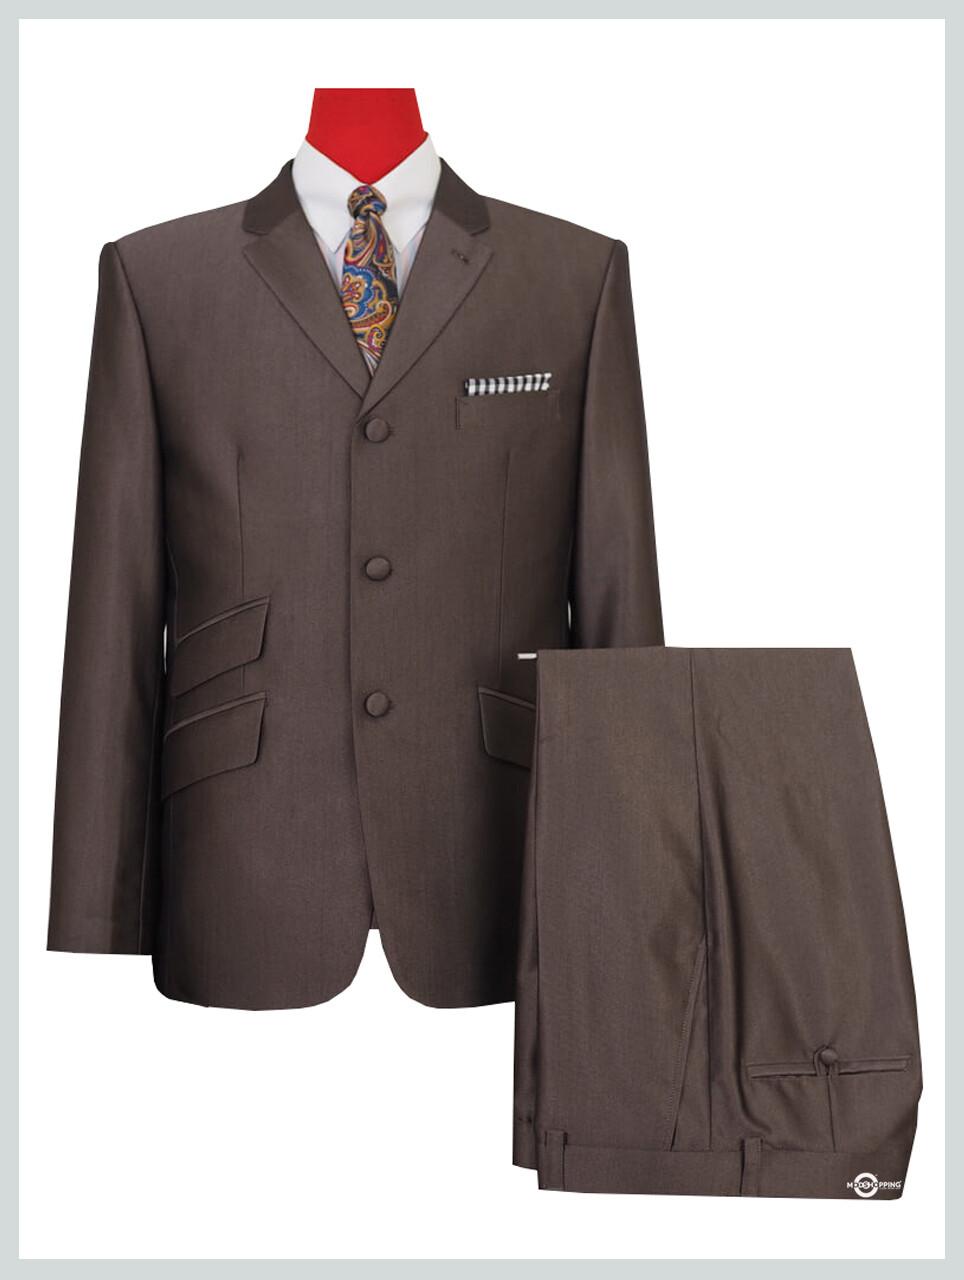 Tonic Suit Classic Dark Brown Mod Clothing 60s Mod 3 Button Suit